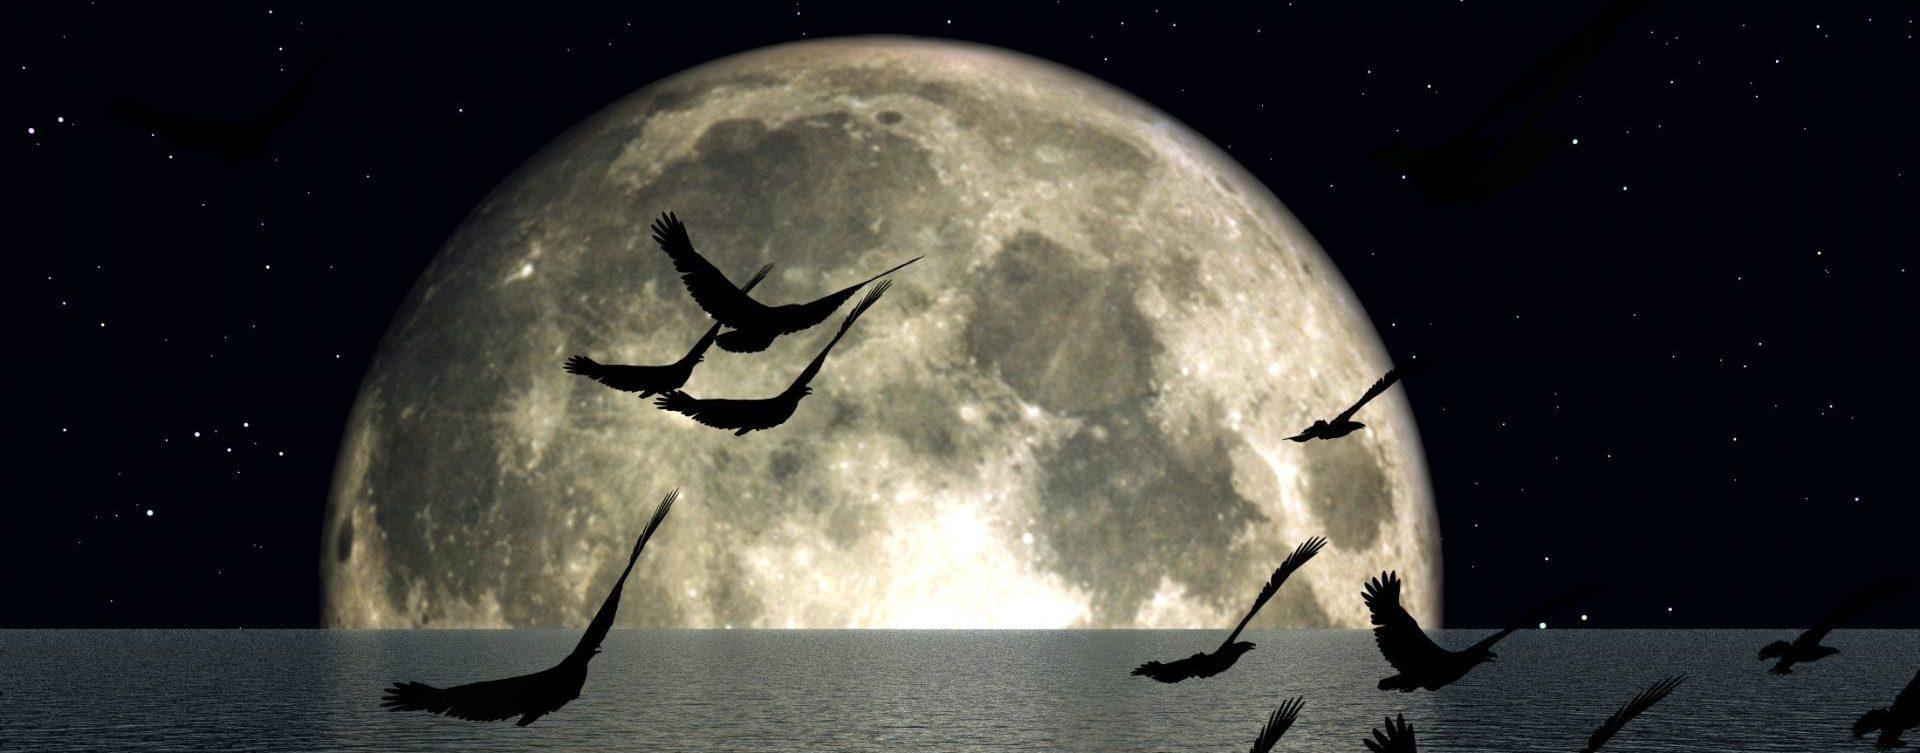 Metis Wisdom Dr Janeta Tansey Musings Navigation Night Header